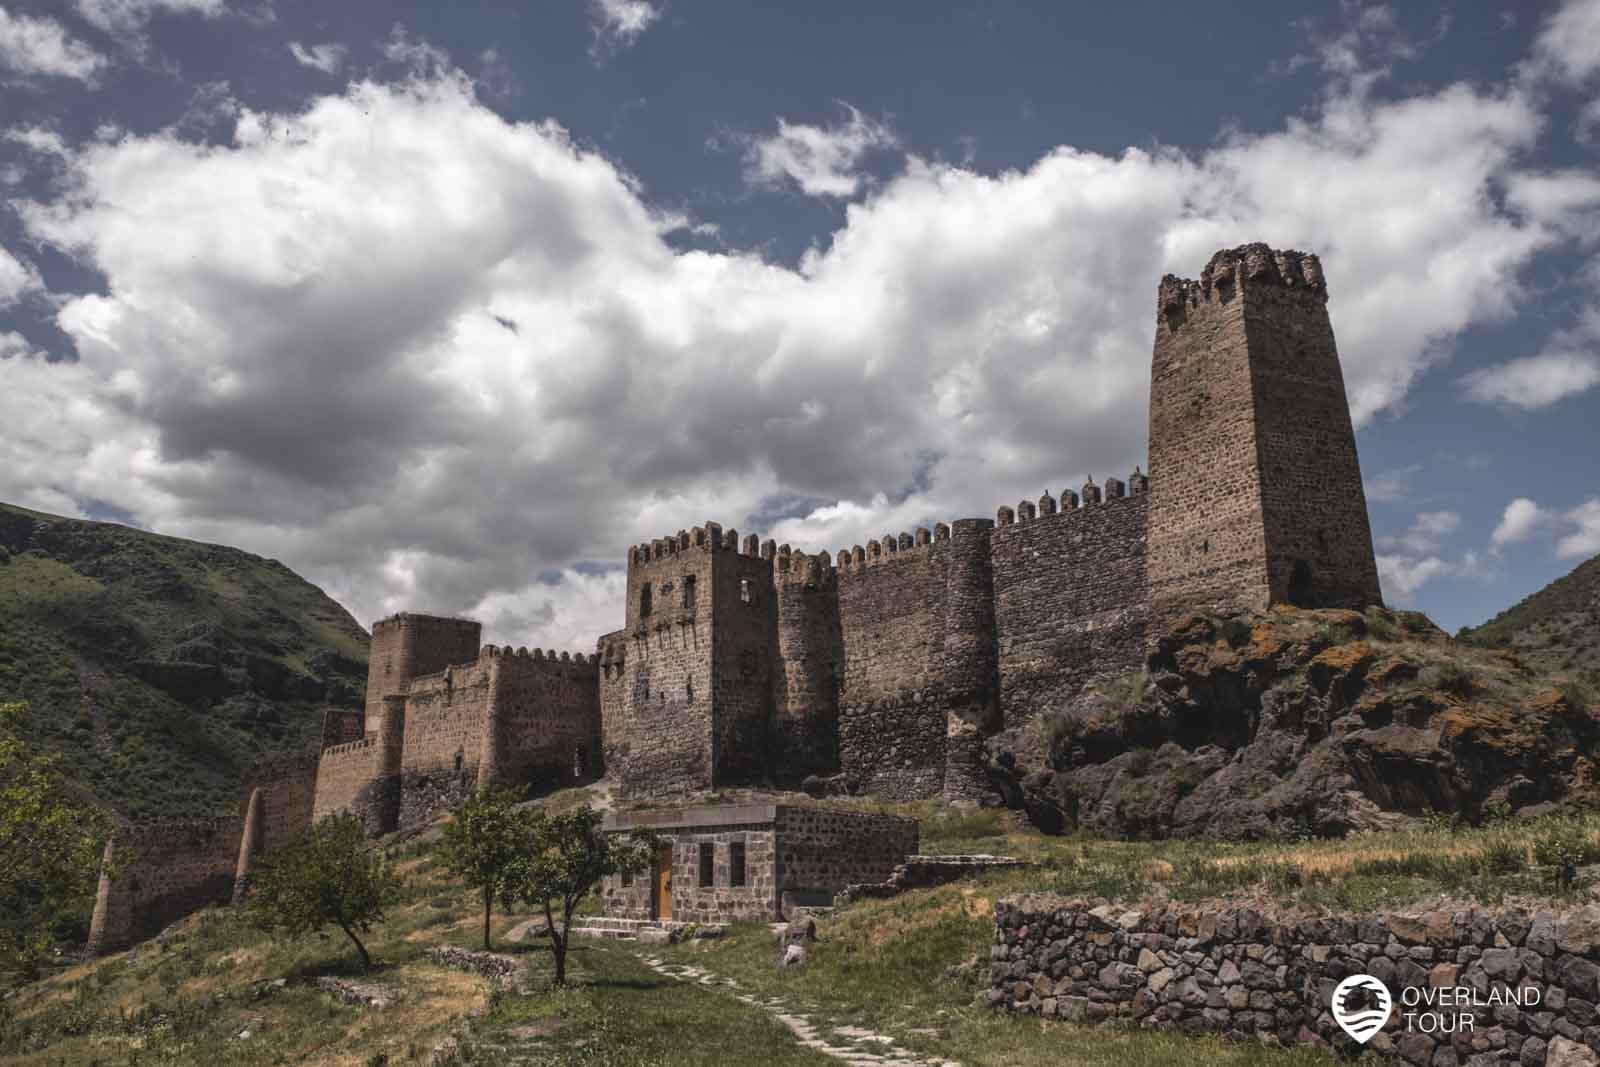 Die Festung Khertvisi liegt auf dem Weg nach Wardsia